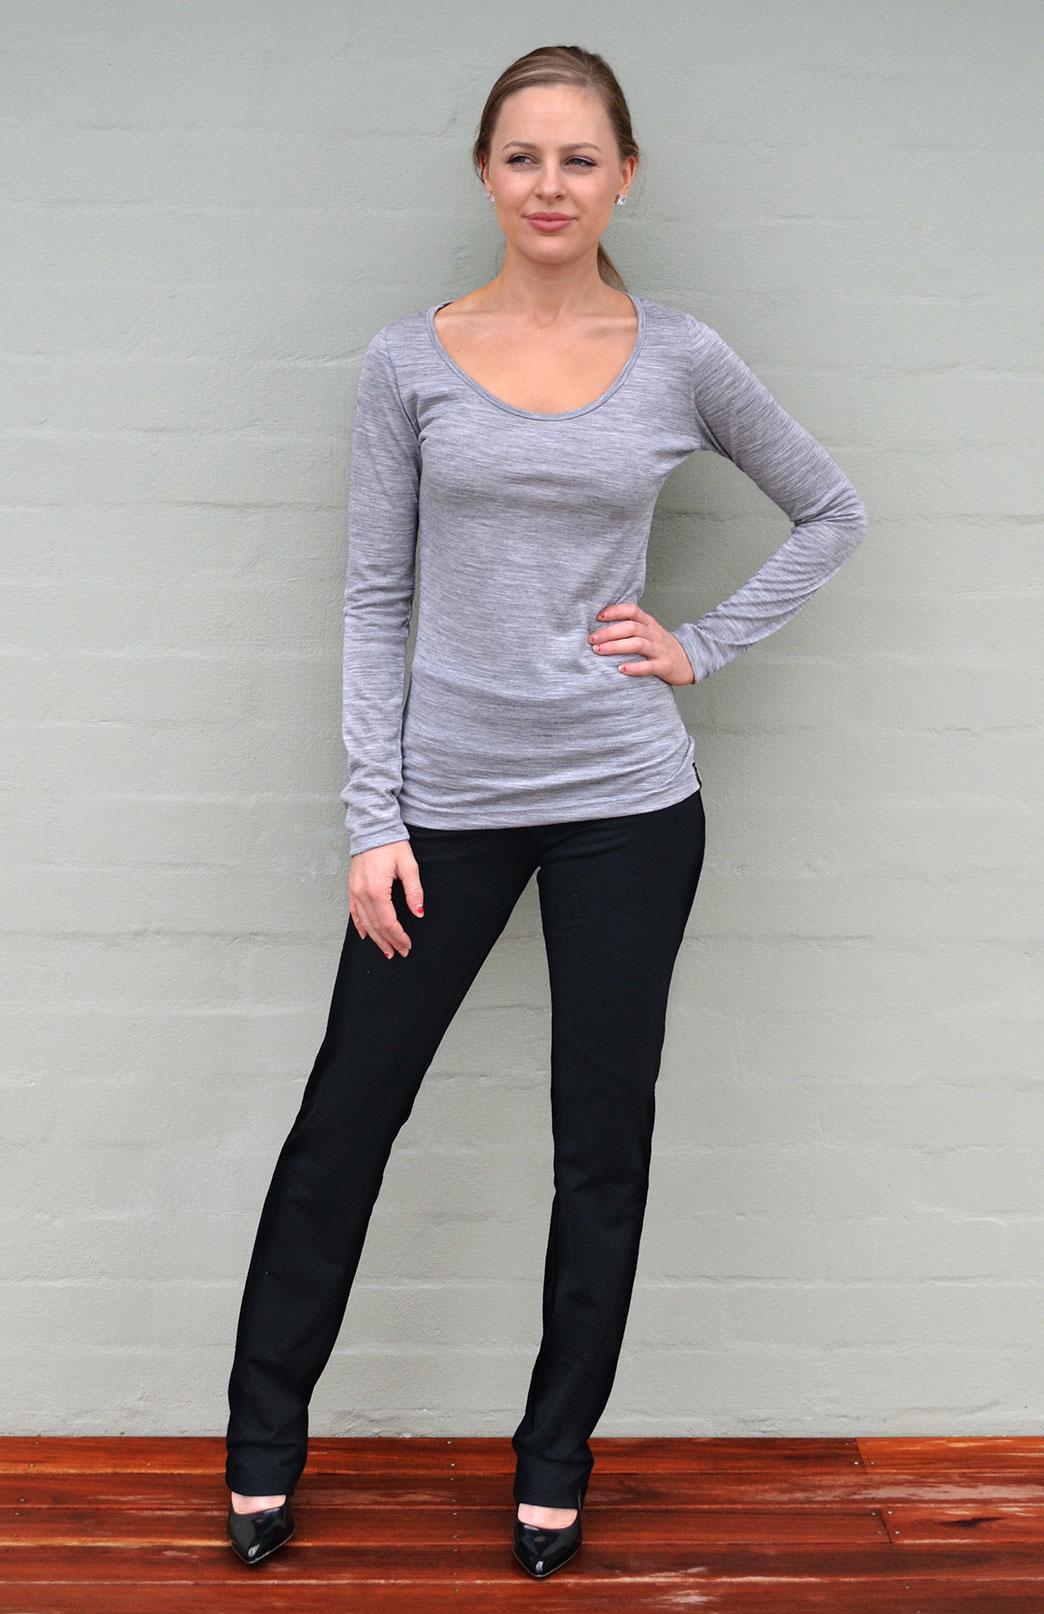 Straight Leg Pants - Women's Black Lightweight Wool Straight Leg Pants with wide waistband - Smitten Merino Tasmania Australia